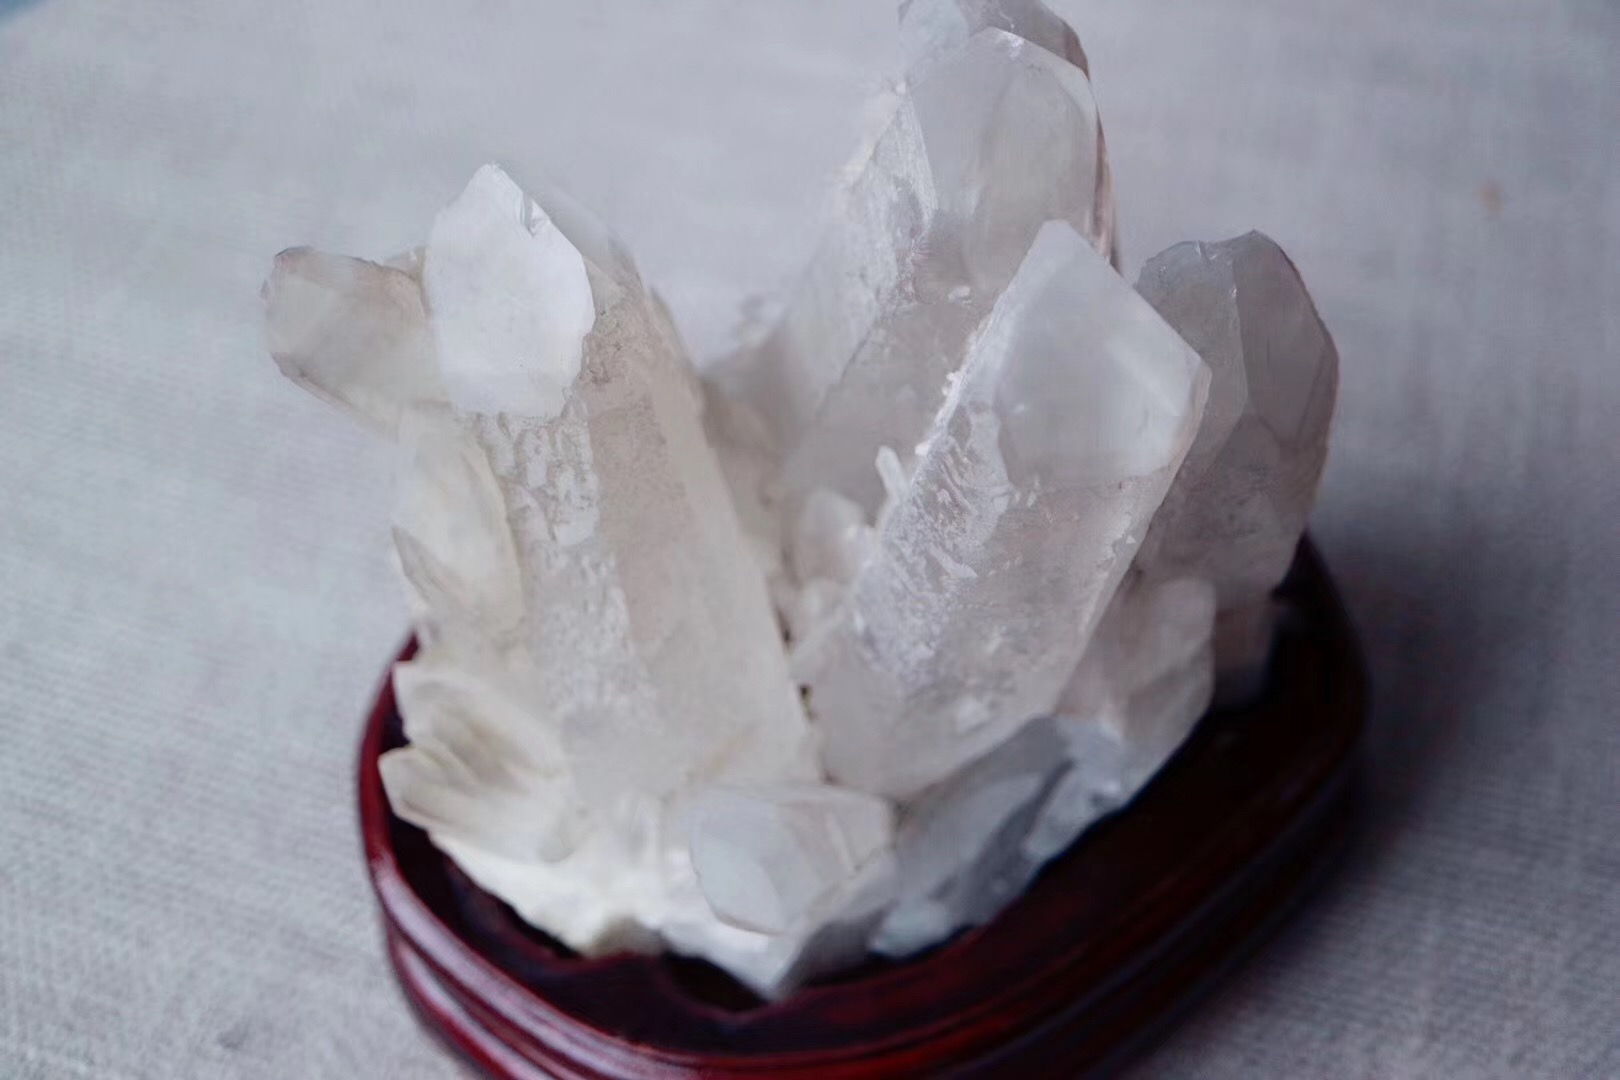 【菩心 | 白水晶簇】天然原矿白水晶簇,水晶之王-菩心晶舍